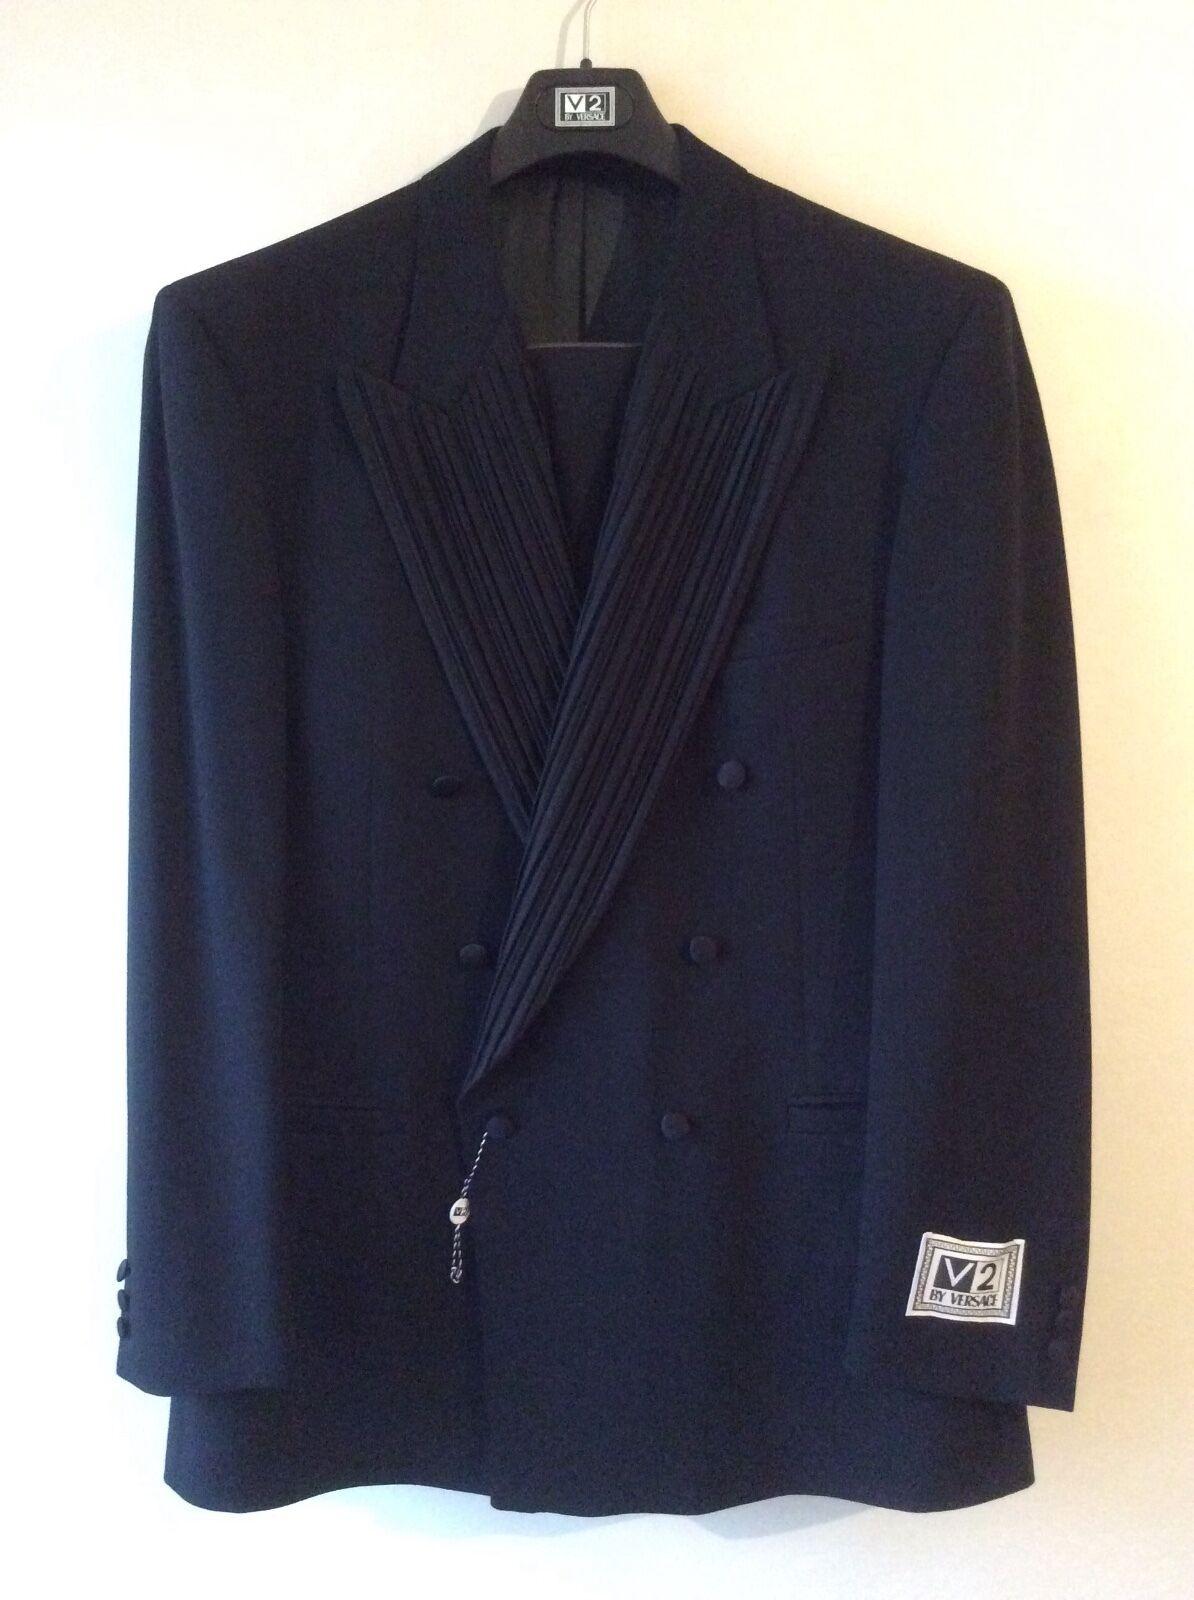 herren Designer Gianni Versace V2 Tuxedo Dinner Evening Suit Vintage Rare NOS